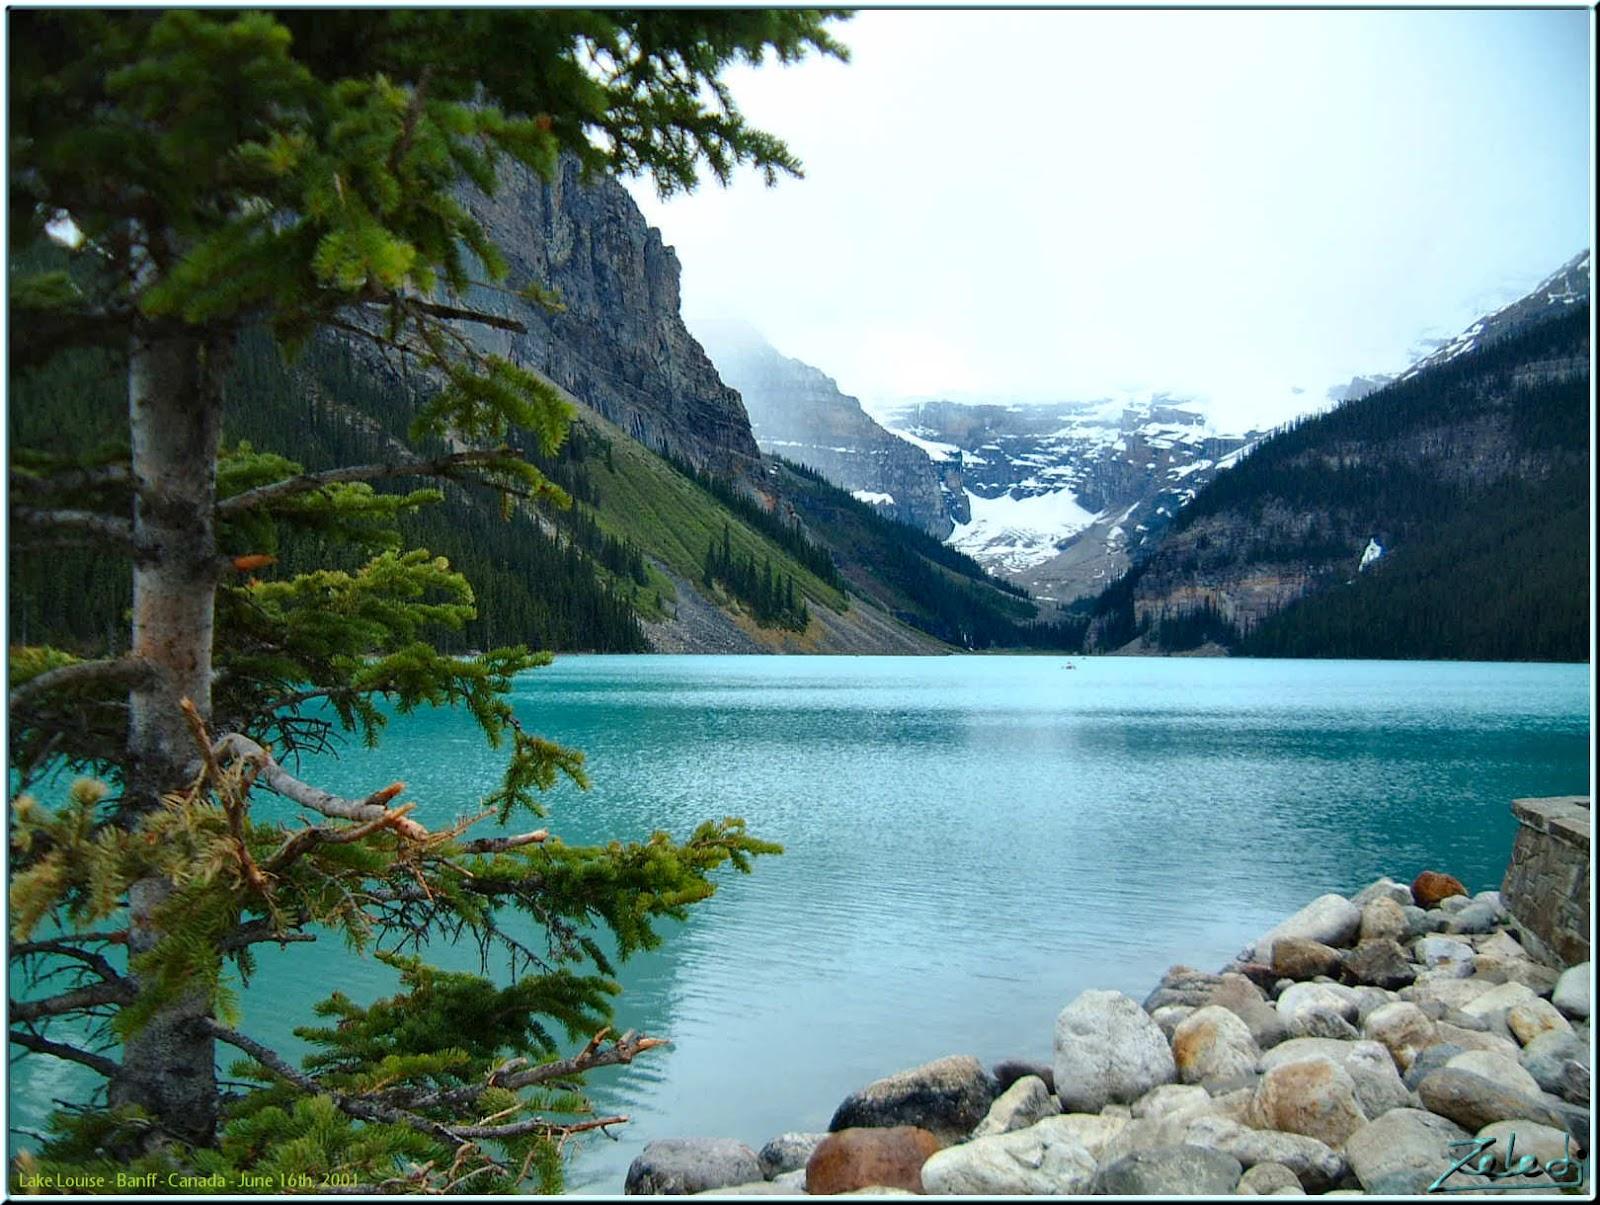 Banff & Lake Louise Tourism | Official Destination Website